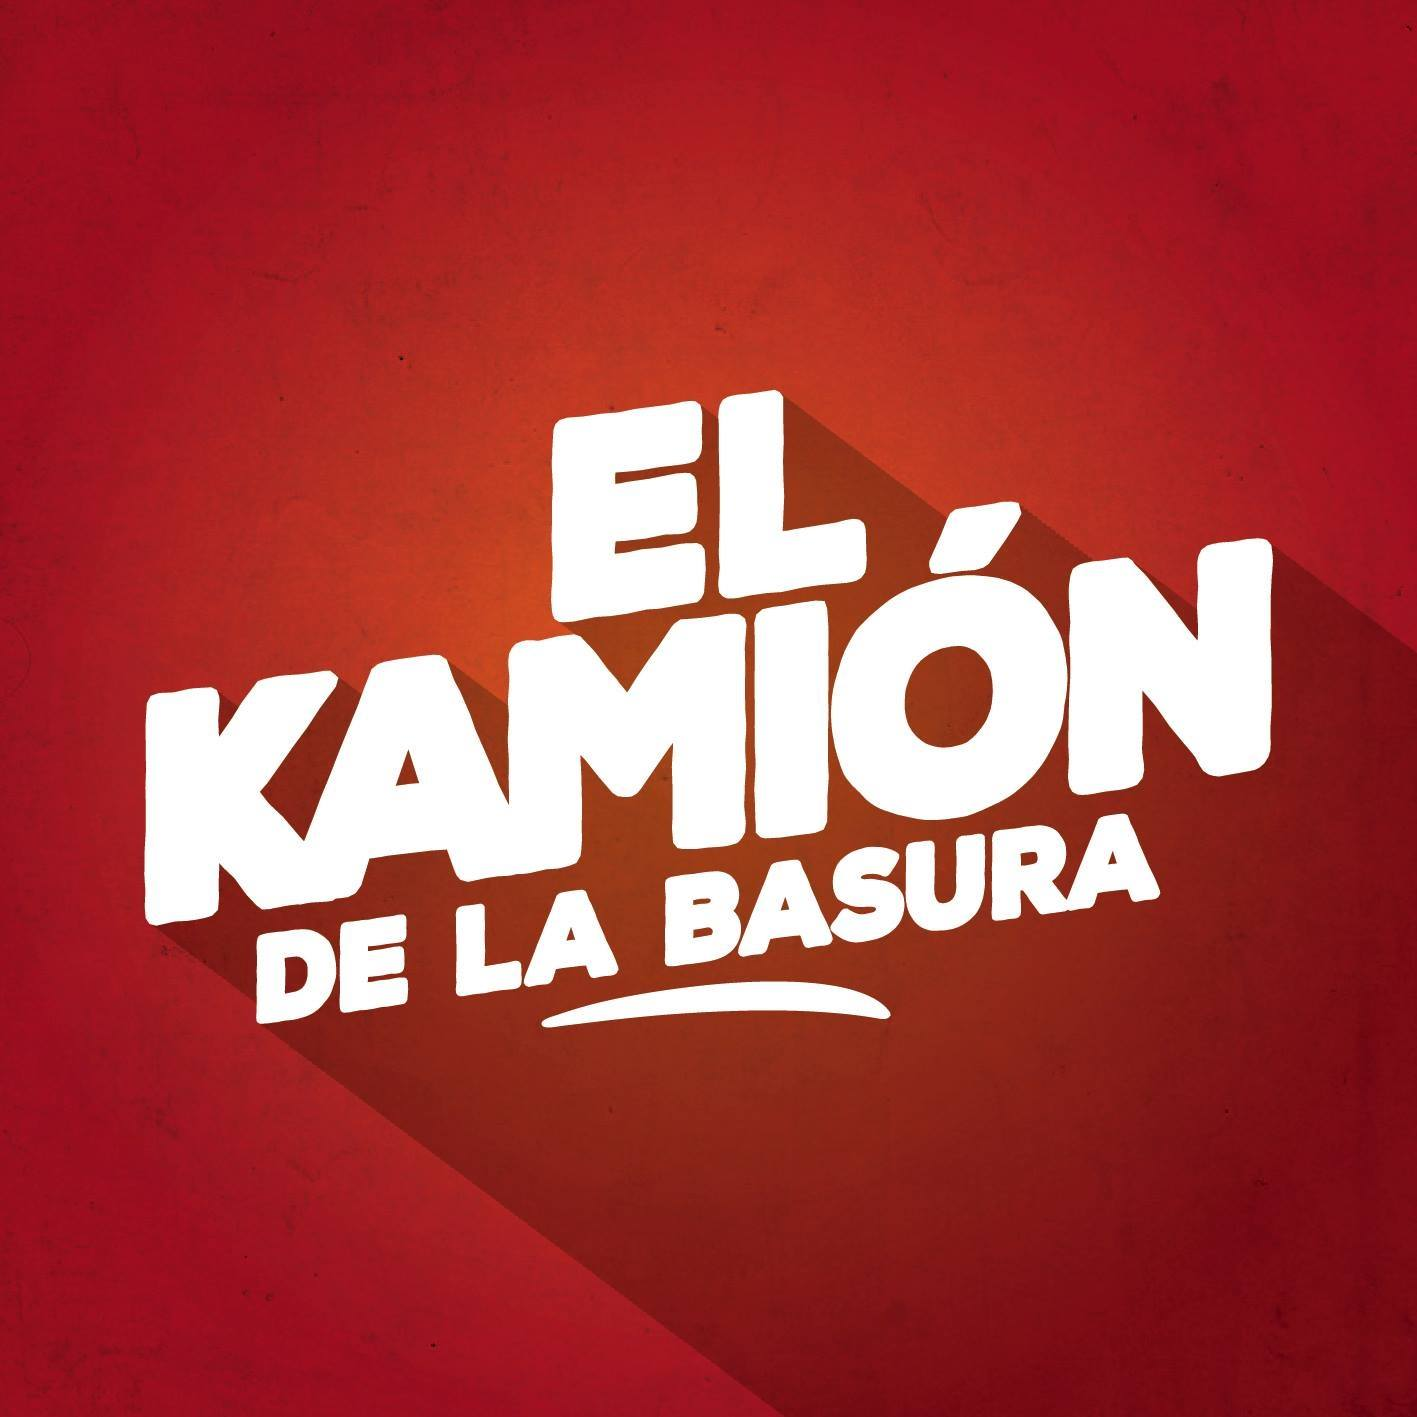 EL KAMION DE LA BASURA presentan el videoclip del tema «Desparasítame», adelanto de su nuevo disco